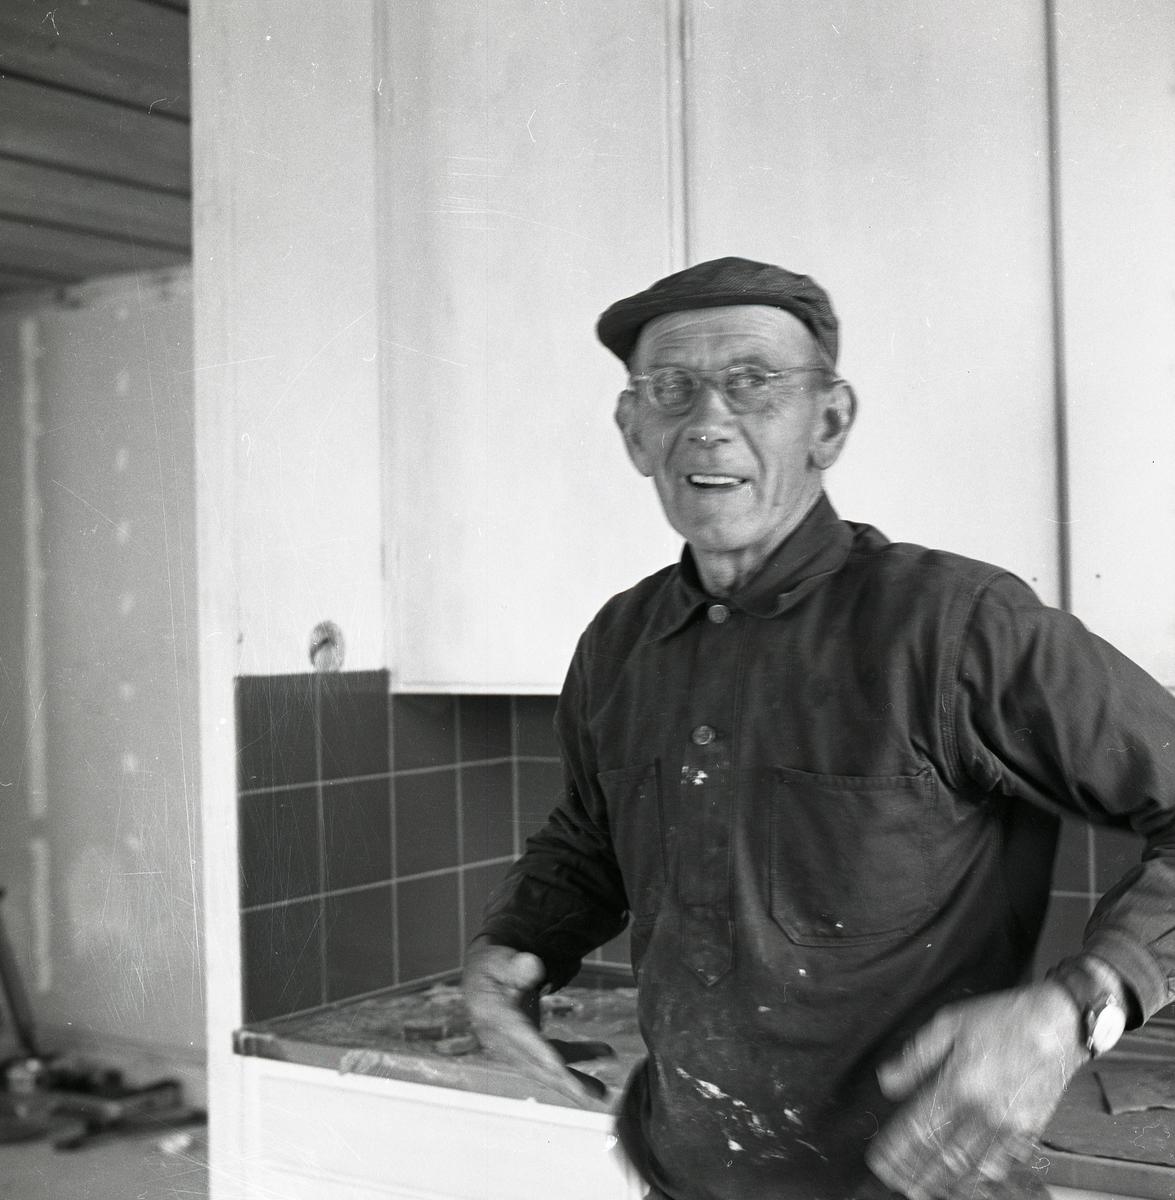 En man arbetar med målning av ett rum i ett hus.